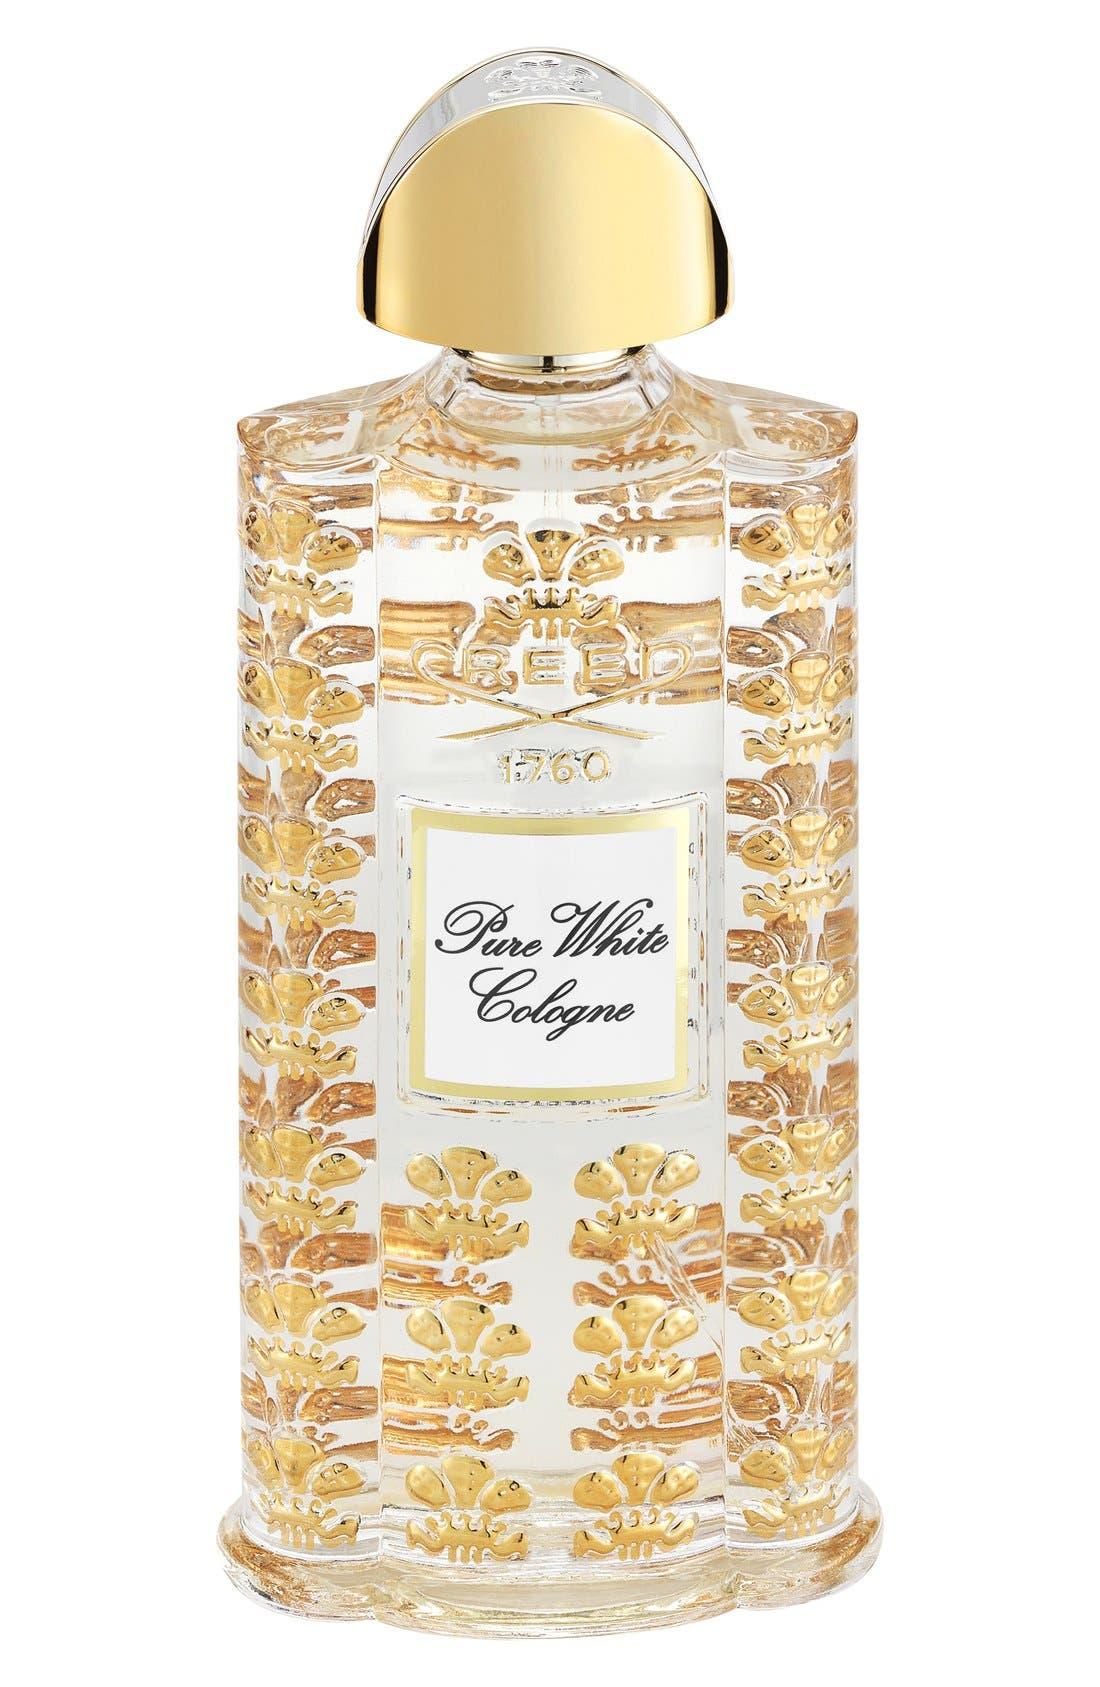 Les Royales Exclusives Pure White Cologne (2.5 Oz.)